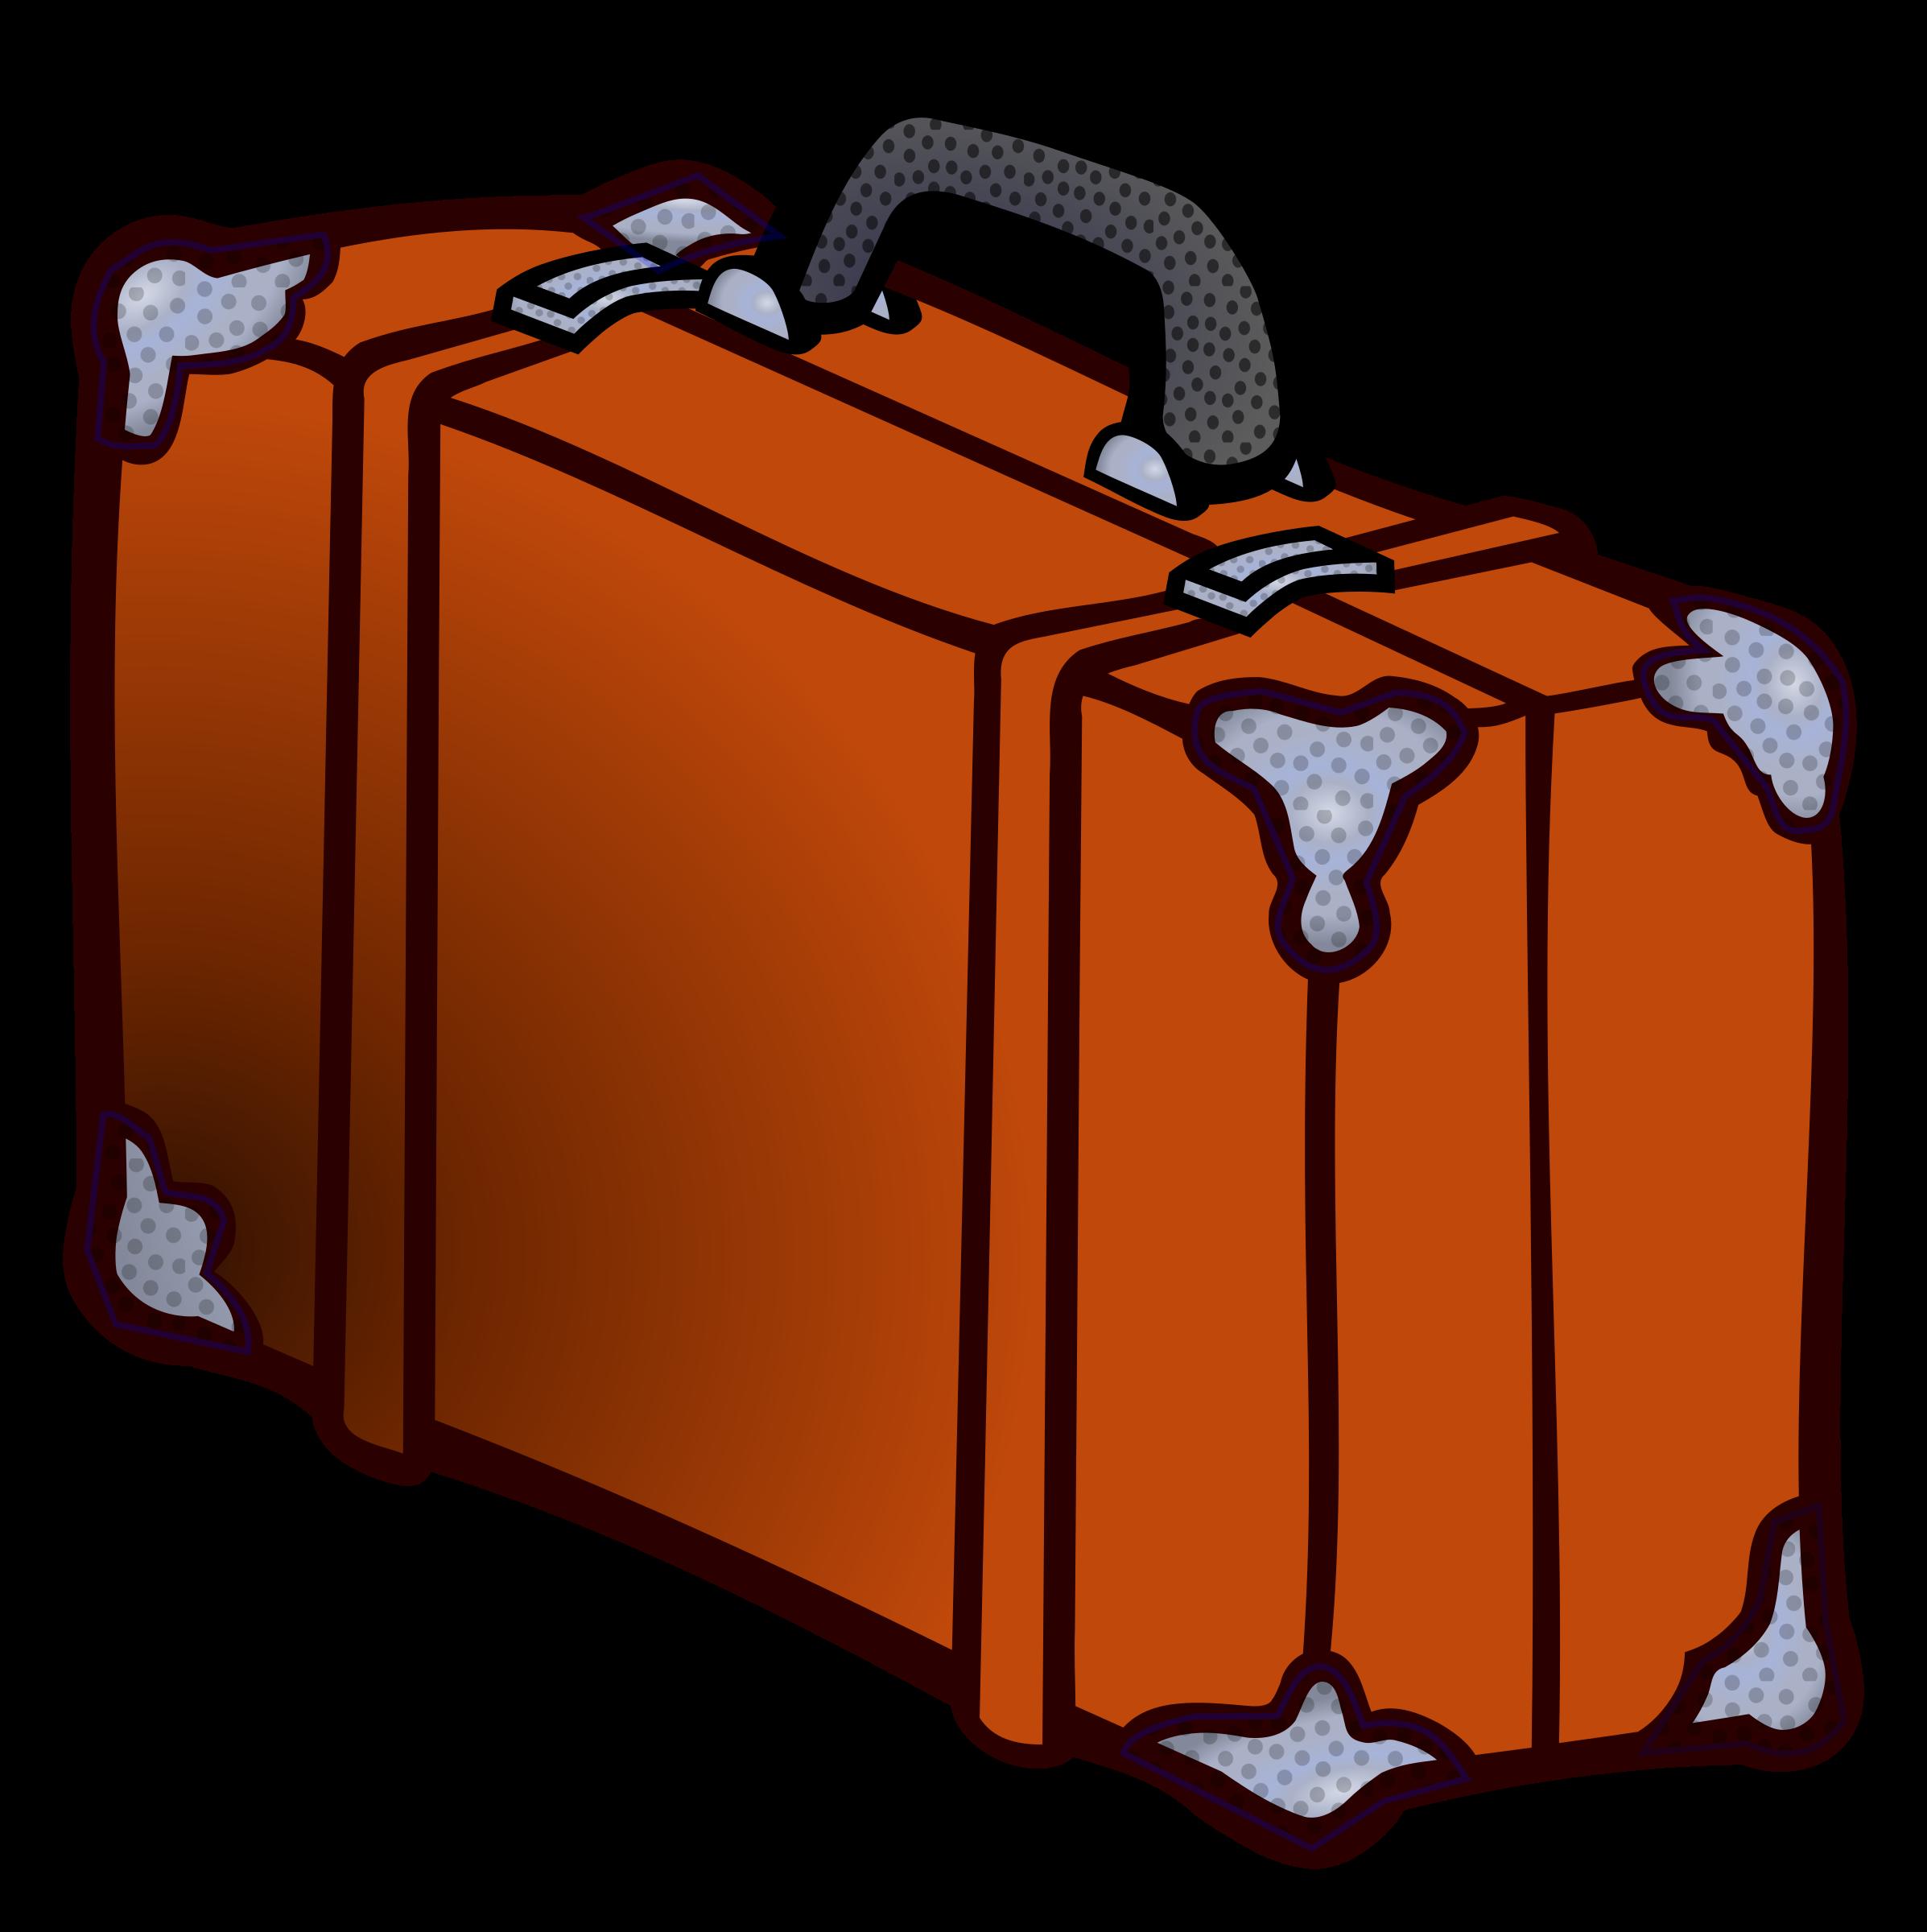 Suitcase coloured big image. Luggage clipart orange